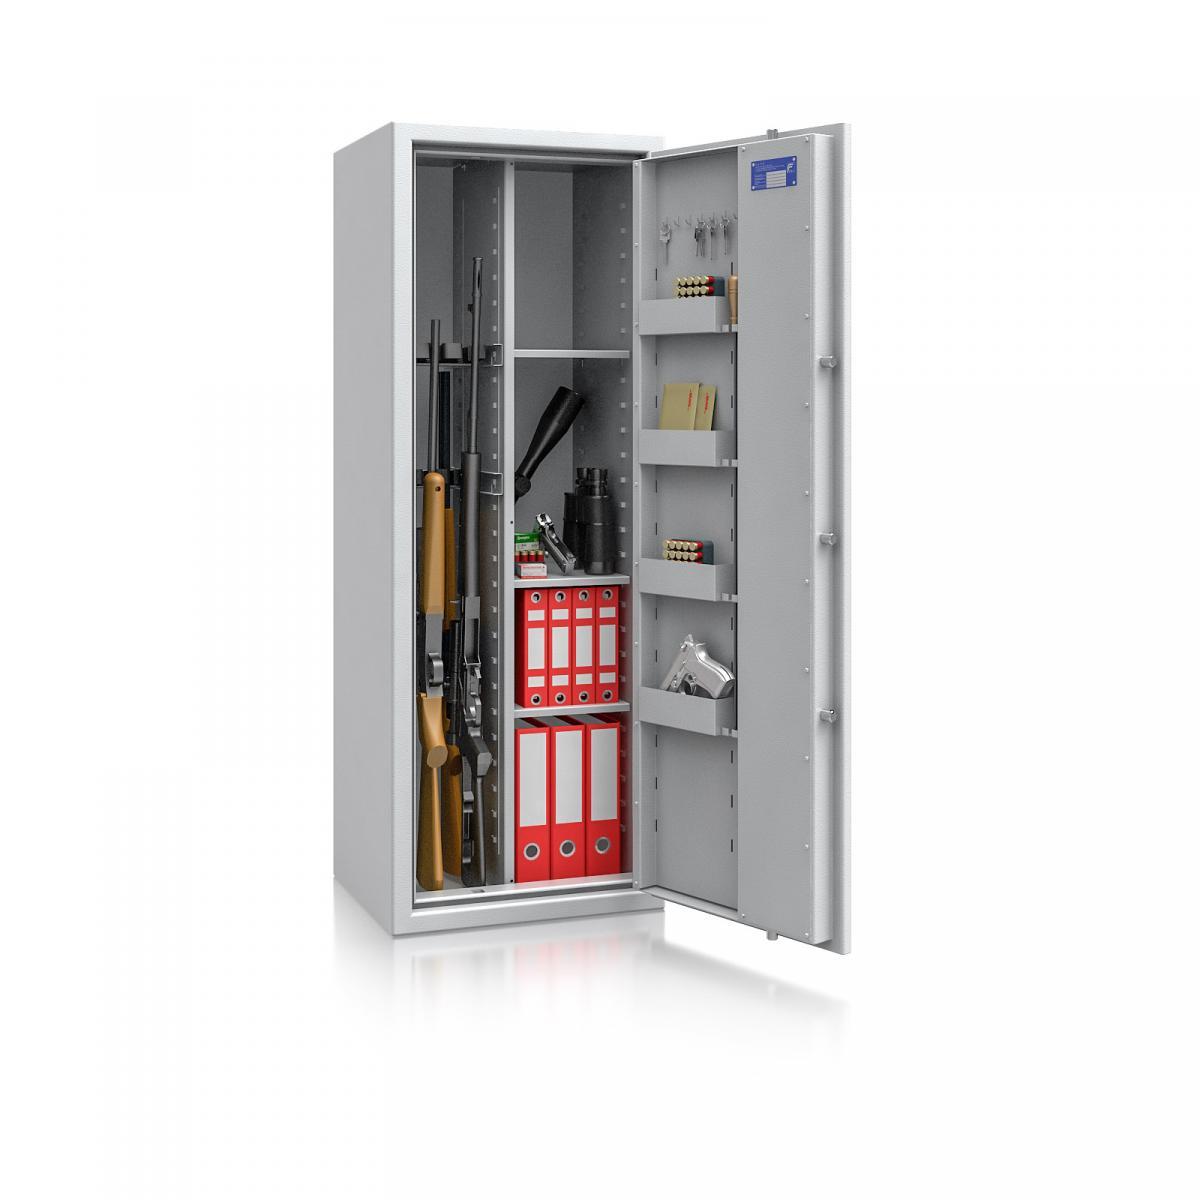 Waffenschrank Luzern WF MAX Kombi 2 - 1500x550x450 / 195kg 55631 / Klasse 0 / RAL7035 / Schlüssel / DIN R / mit Trennw.